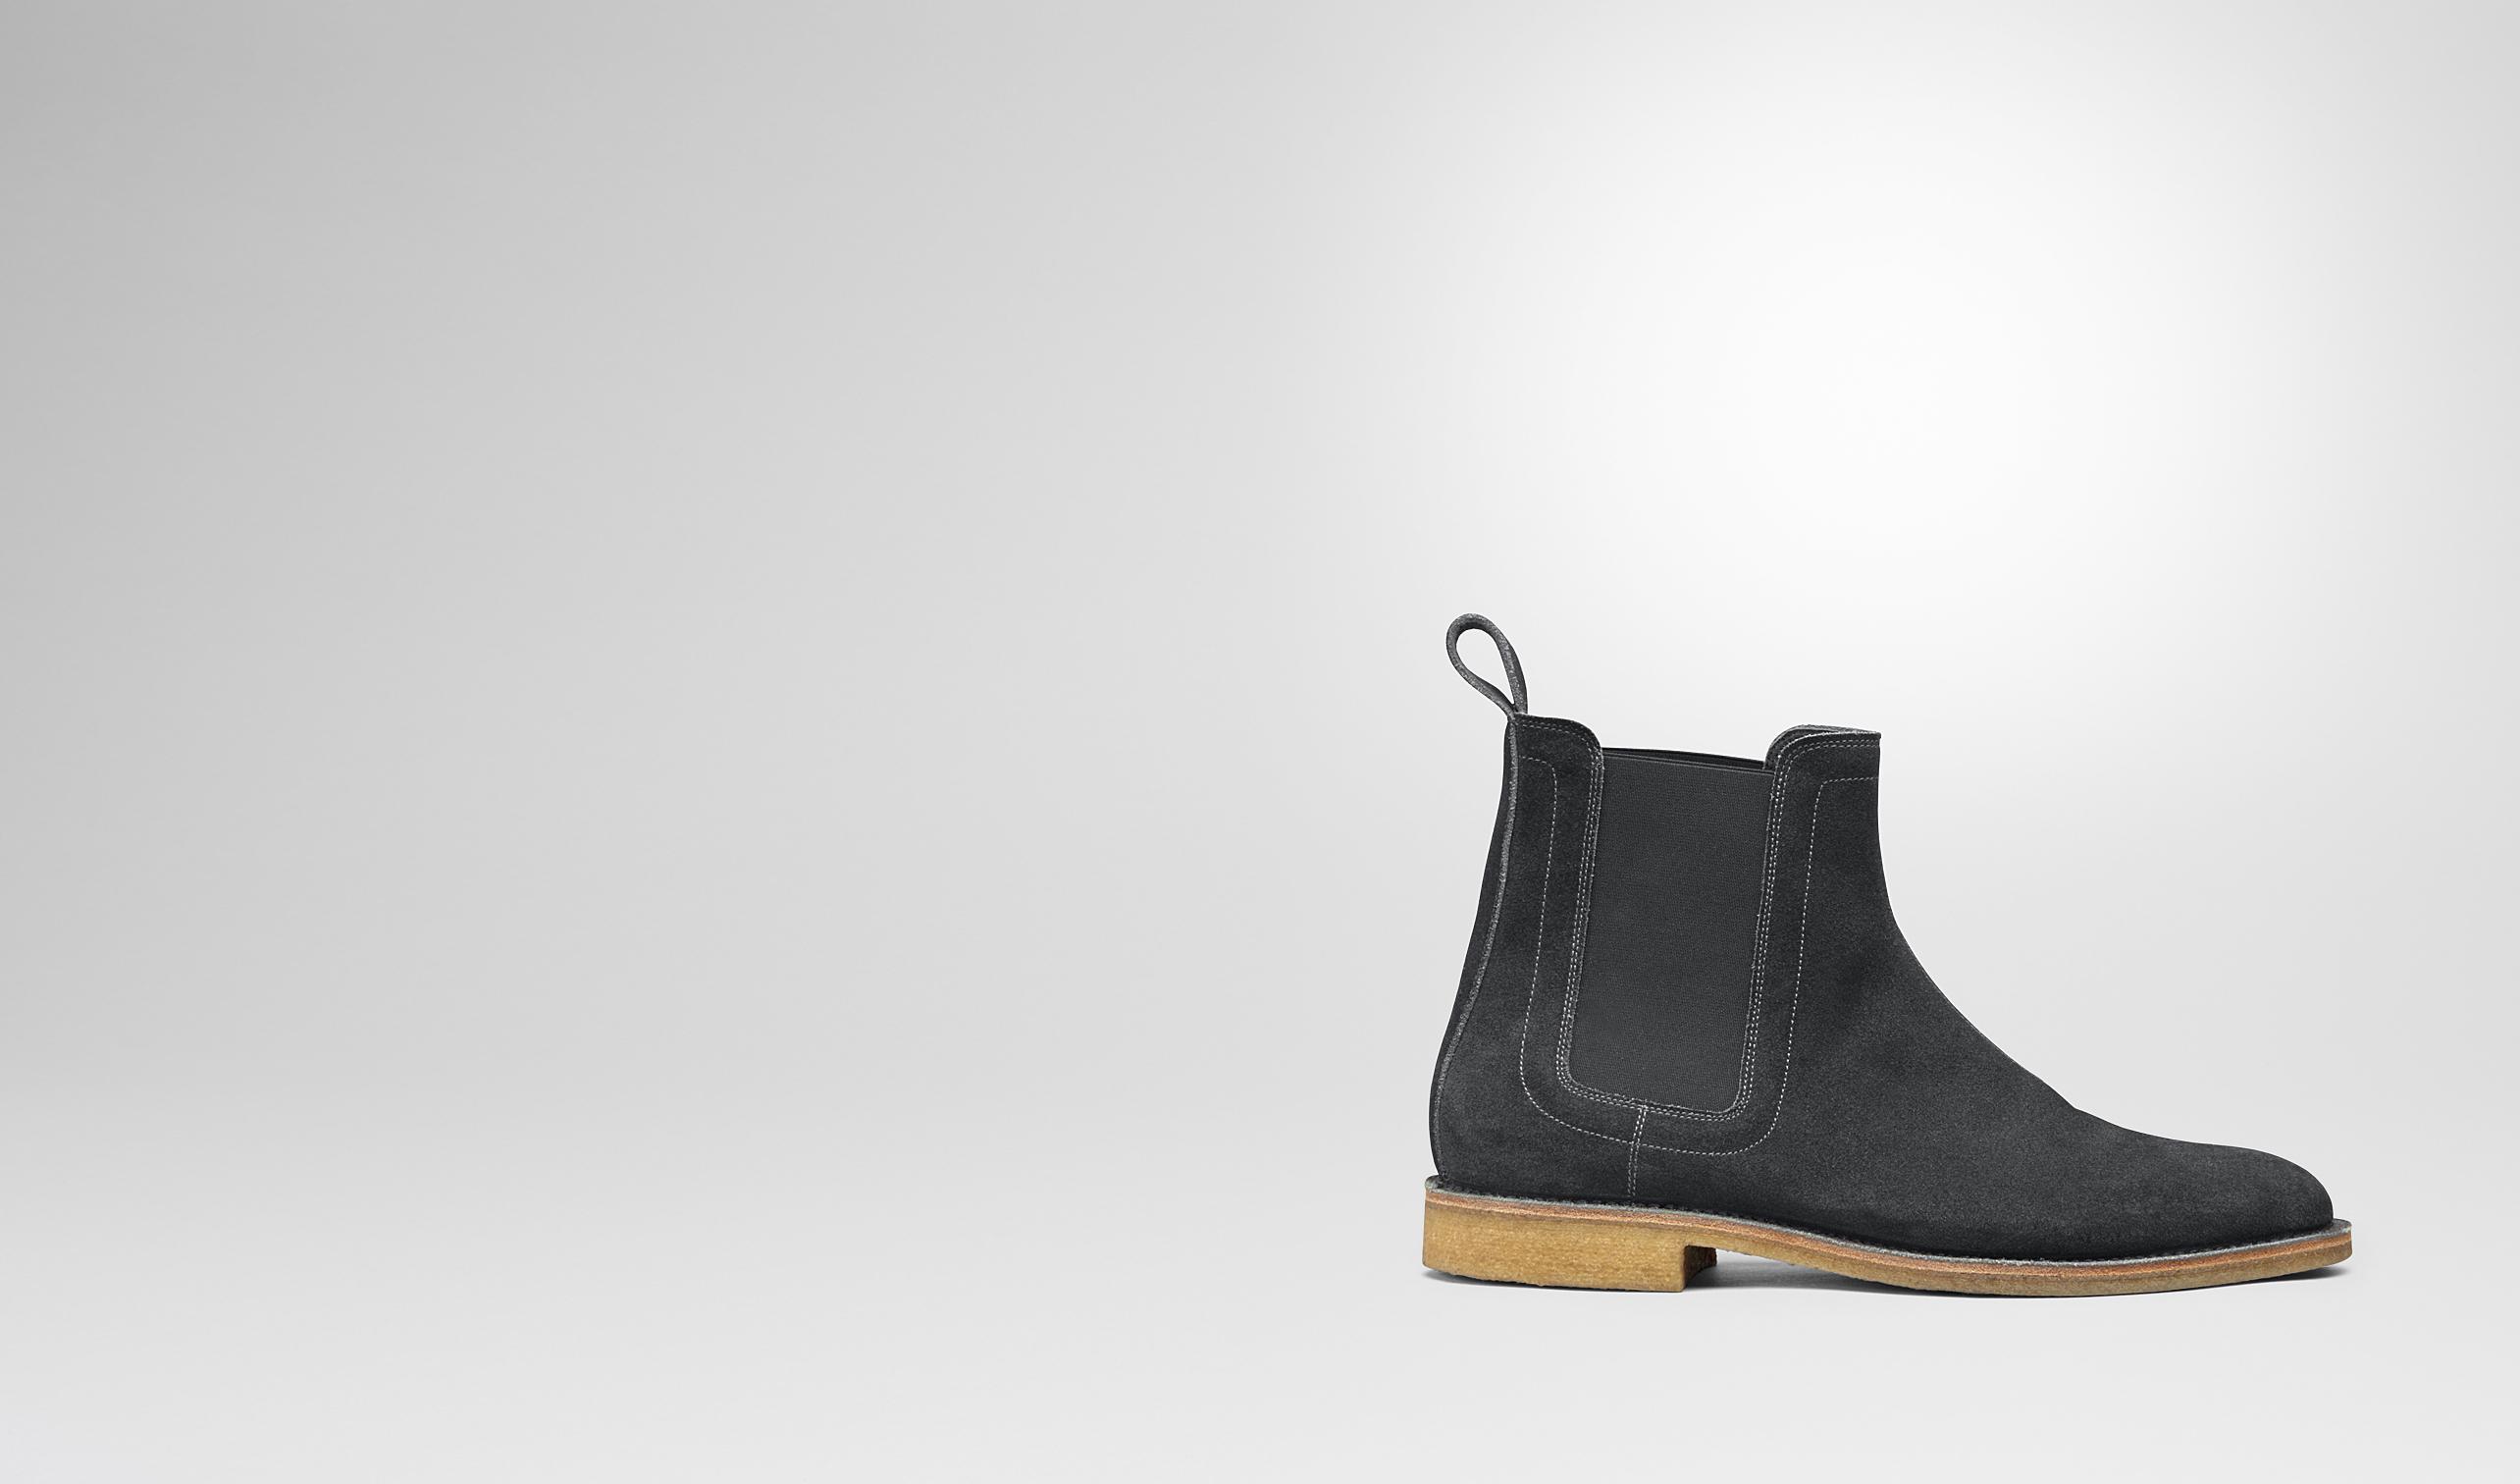 Luxury Bottega Veneta Leather Chelsea Boots In Black For Men  Lyst